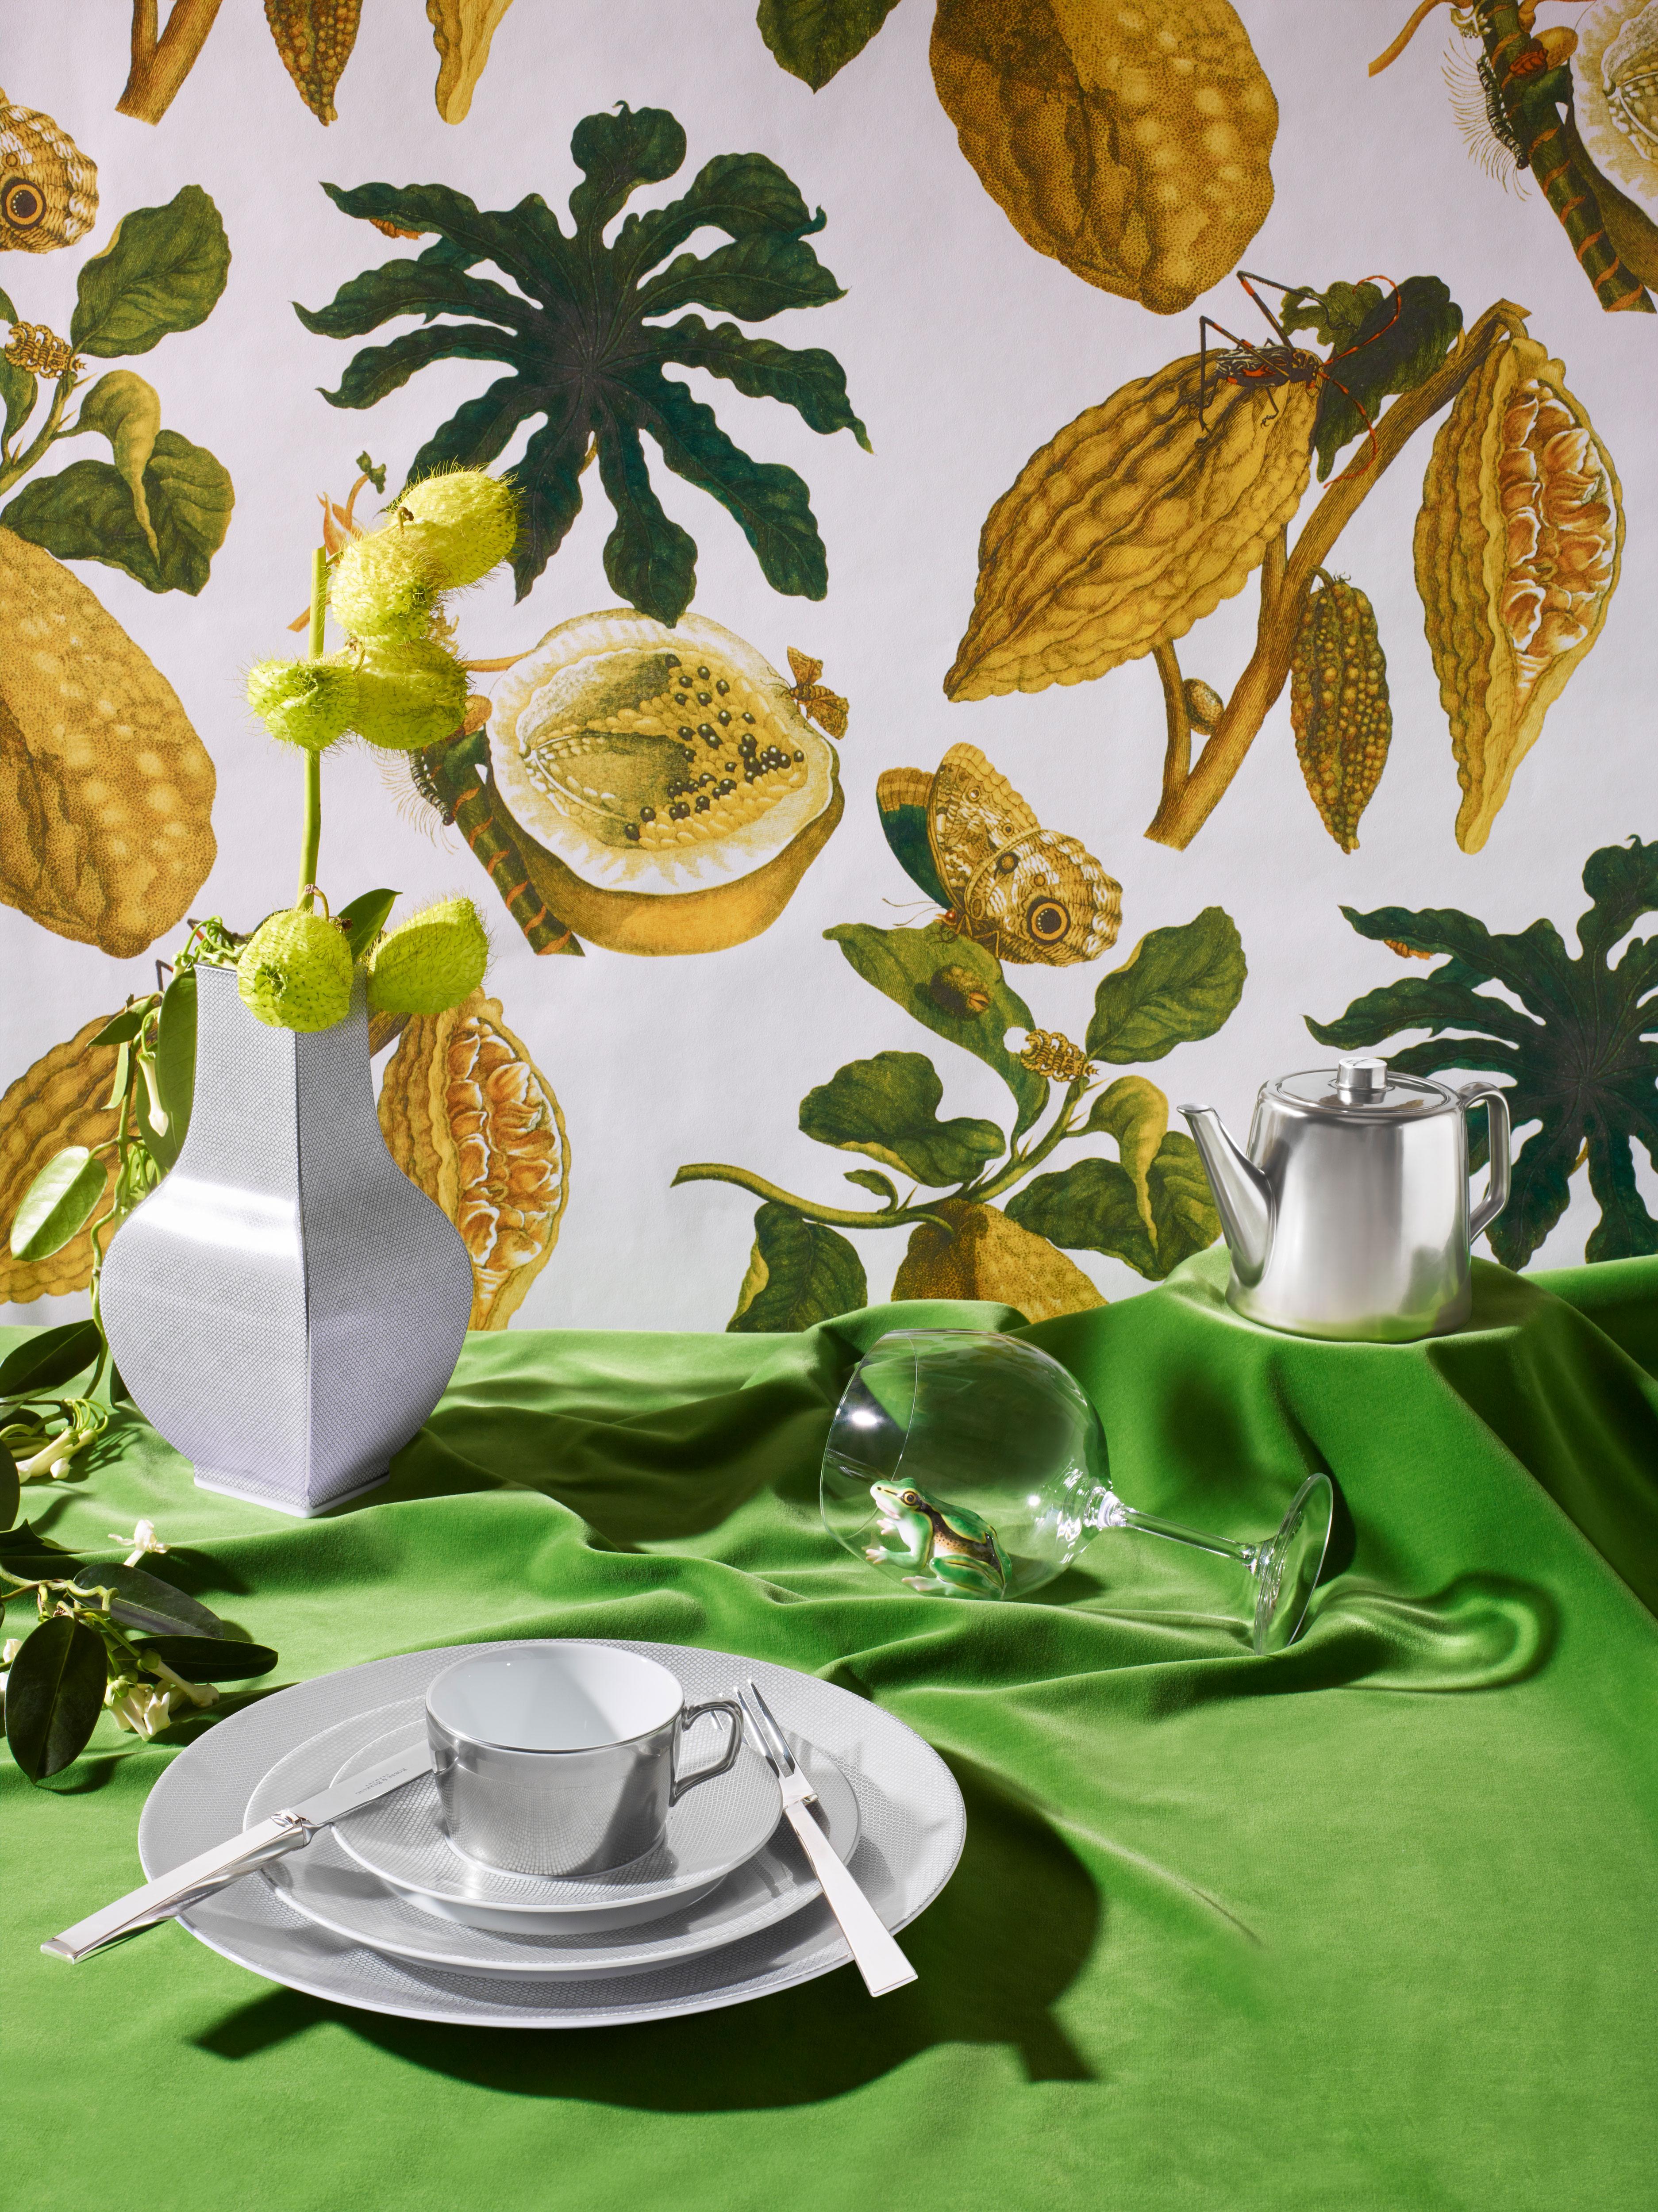 meissen-porcelain_kollektion_tisch-und-tafel_cosmopolitan_-mesh-platin_1